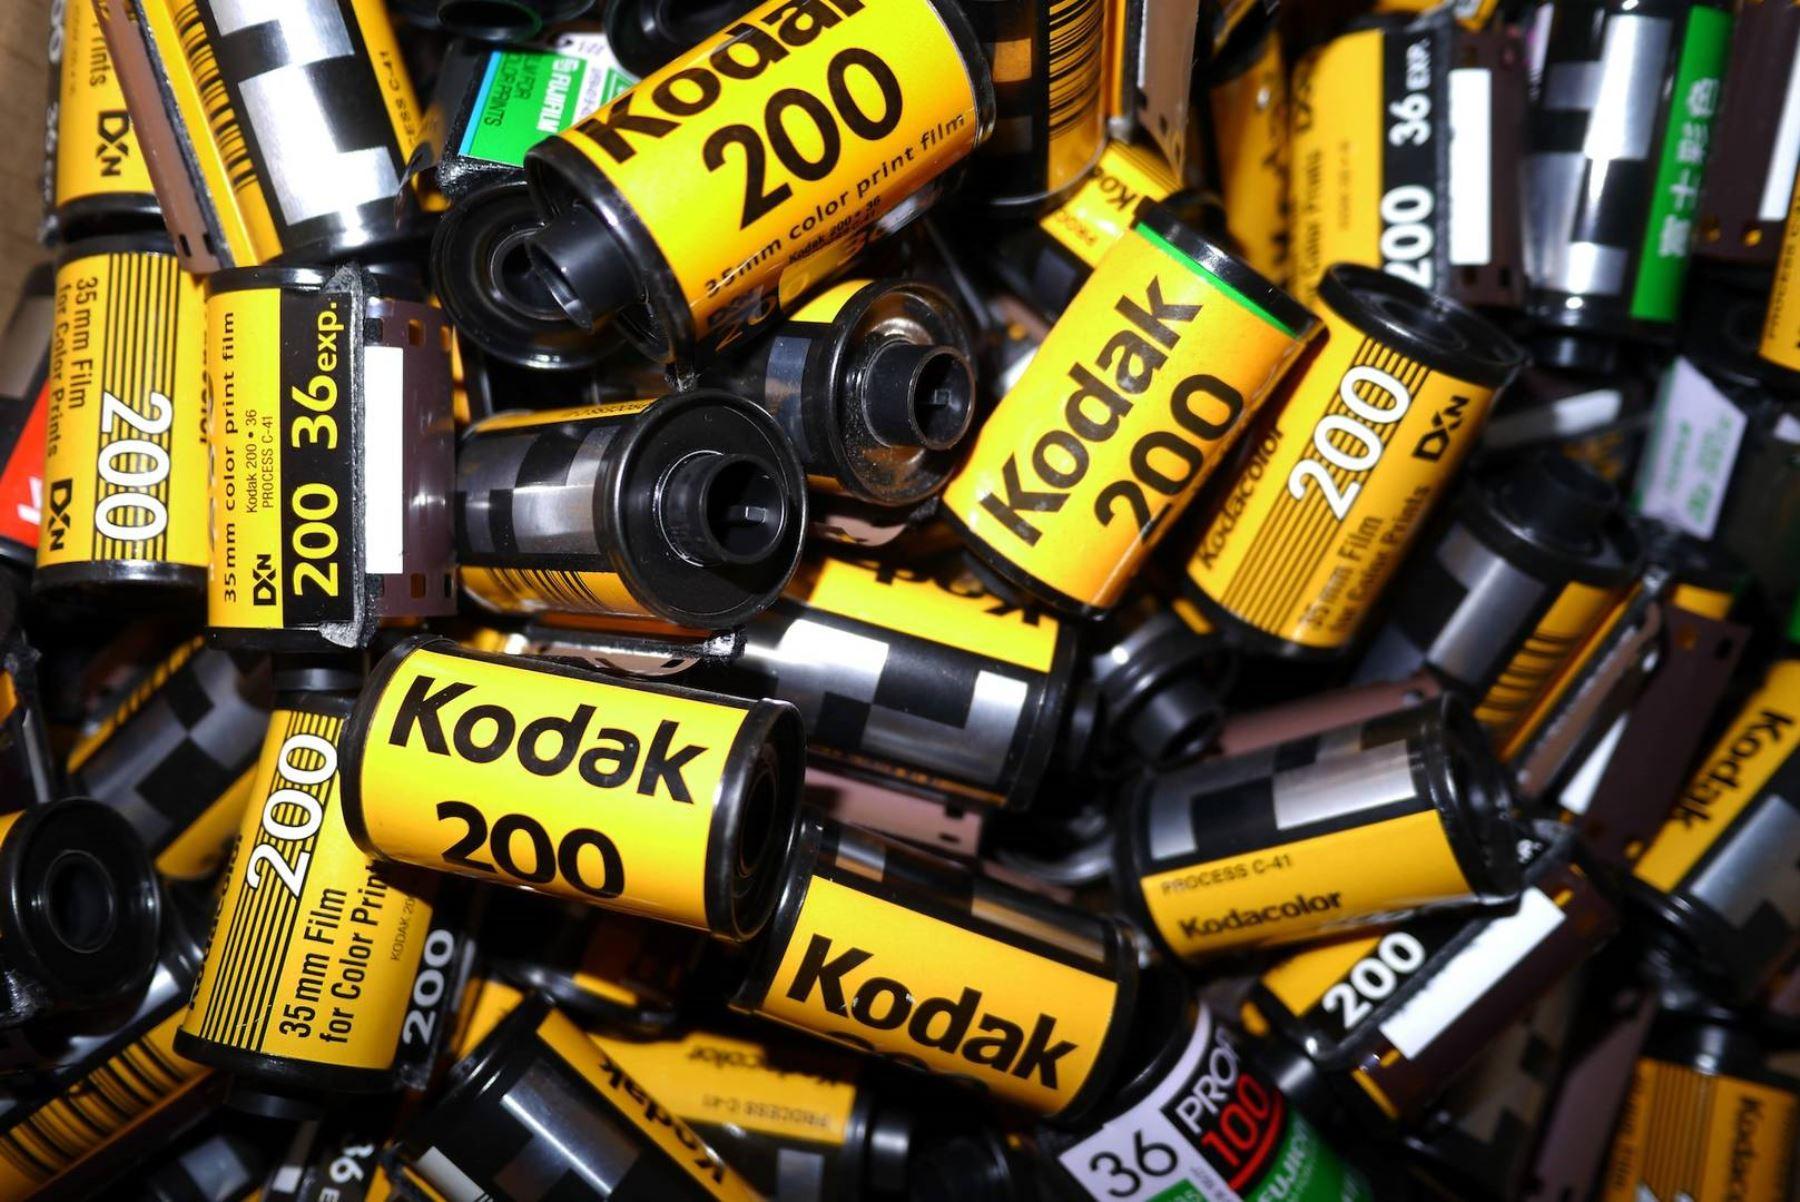 La compañía dijo que el nuevo negocio farmacéutico apoyará 360 empleos directos y 1.200 indirectos. Foto: Internet